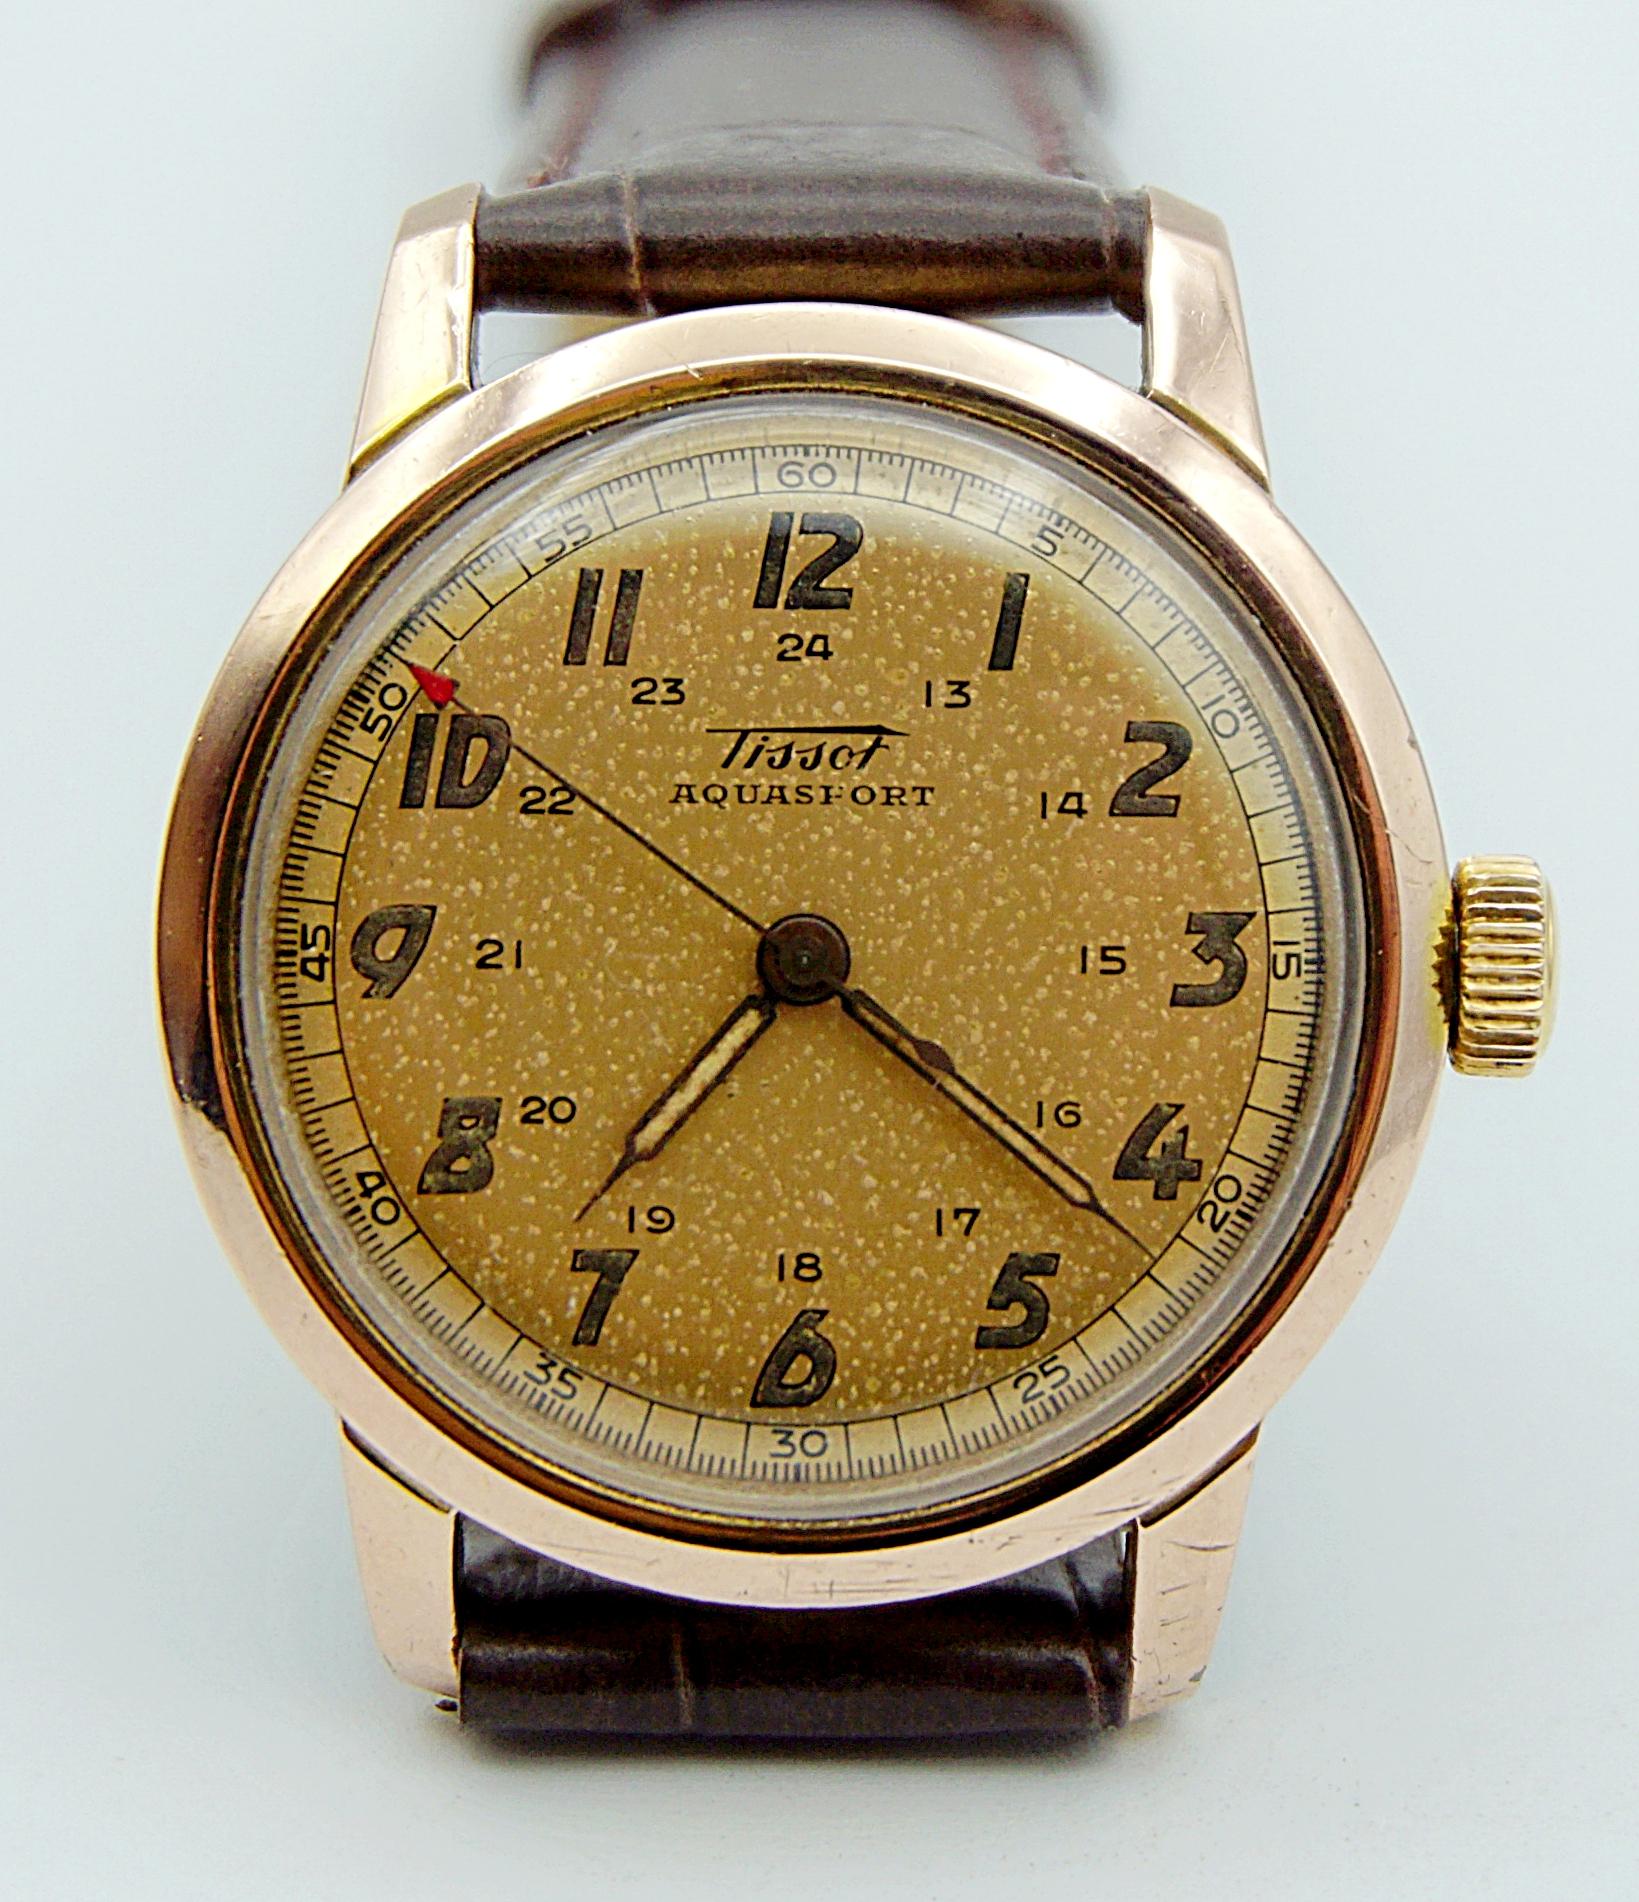 นาฬิกาเก่า TISSOT ไขลาน